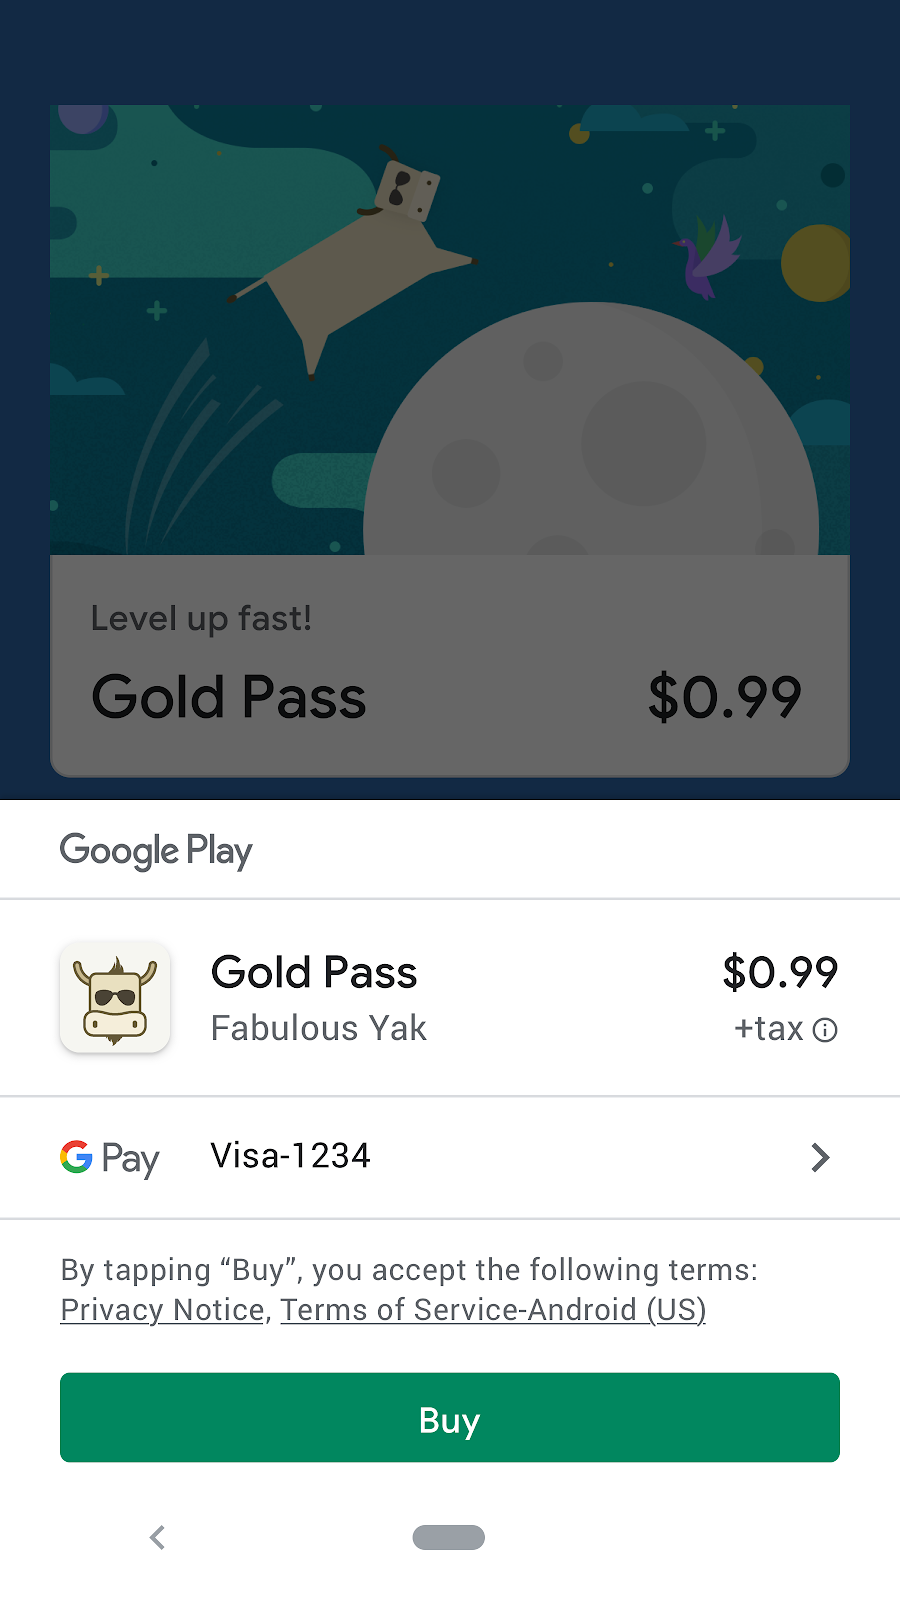 menggunakan sistem penagihan google play untuk menjual produk atau layanan digital